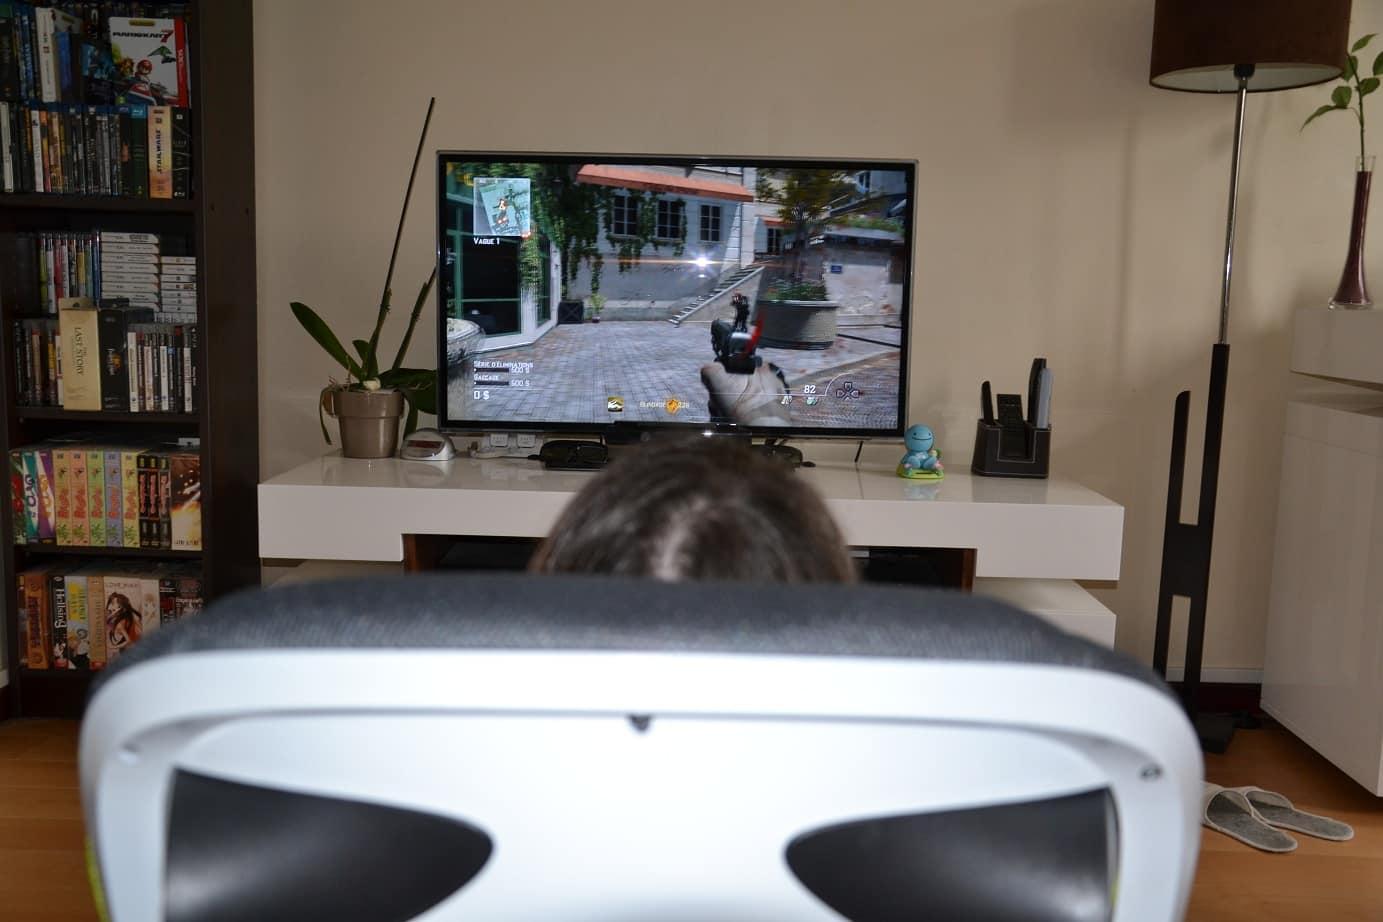 fauteuil gamer Xbox One Résultat Supérieur 50 Superbe Fauteuil Pour Television Image 2017 Iqt4